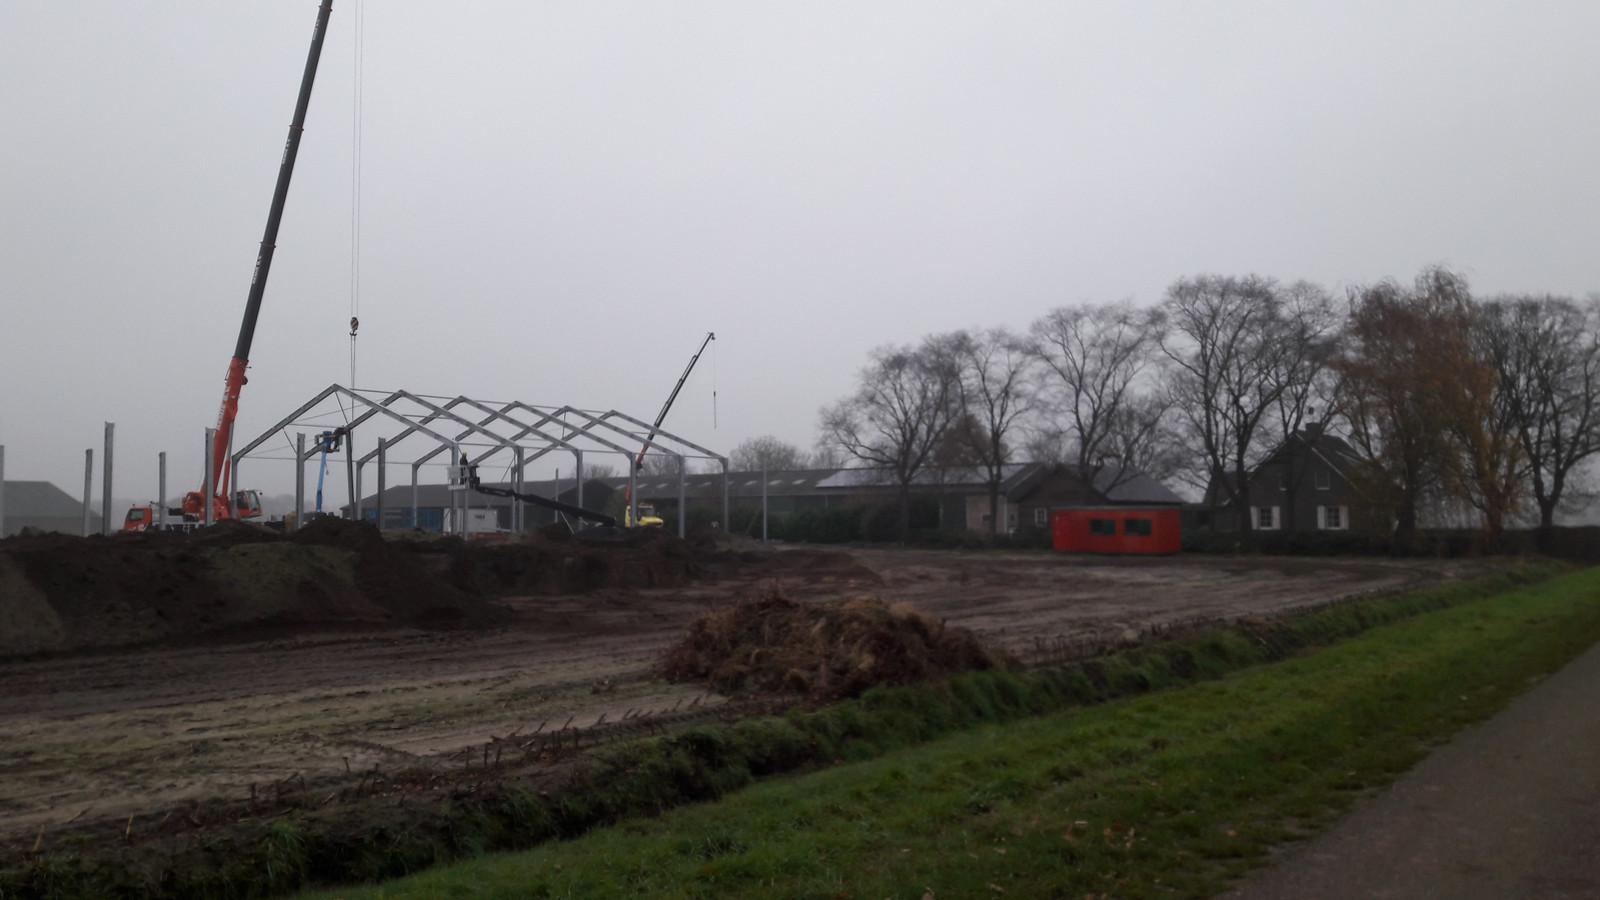 Mestfabriek in aanbouw op de Servennenstraat 6 in het buitengebied van Moergestel